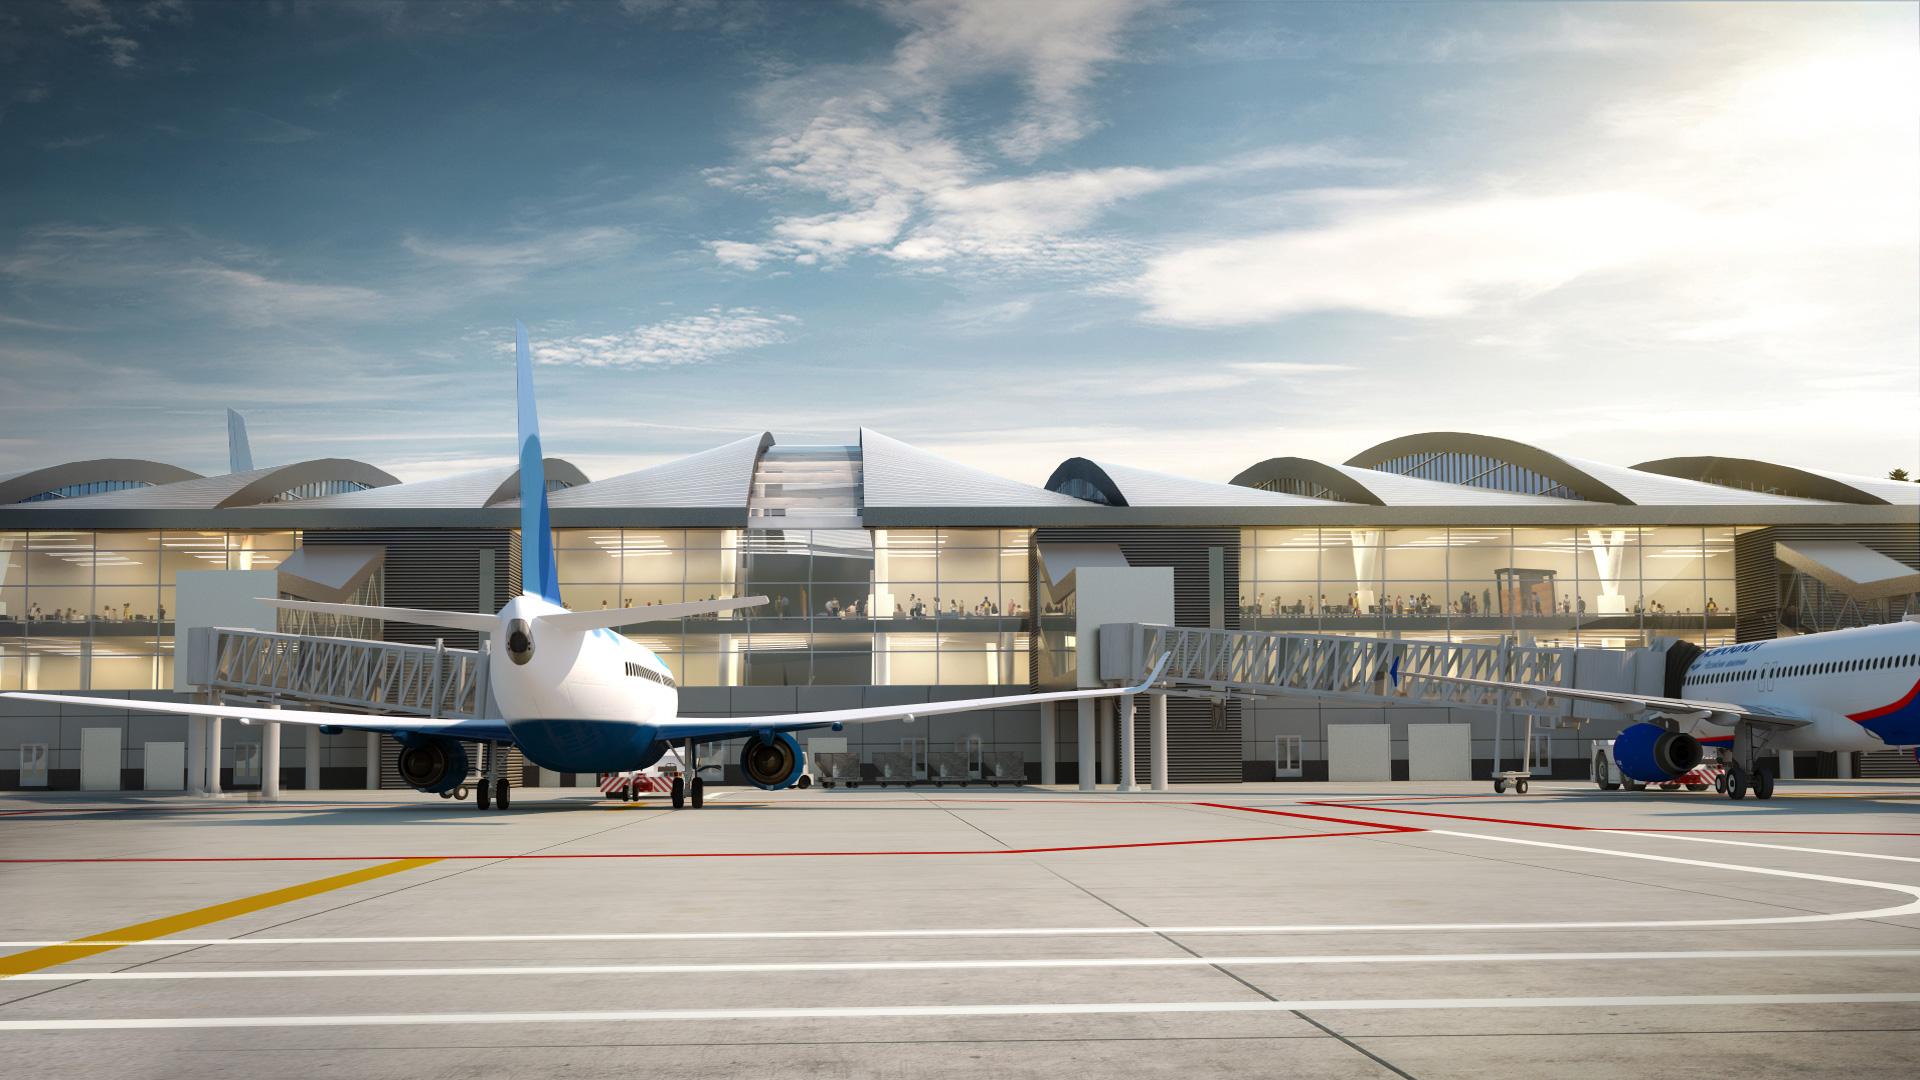 platov - Новый аэропорт «Платов» начнет работу в конце ноября